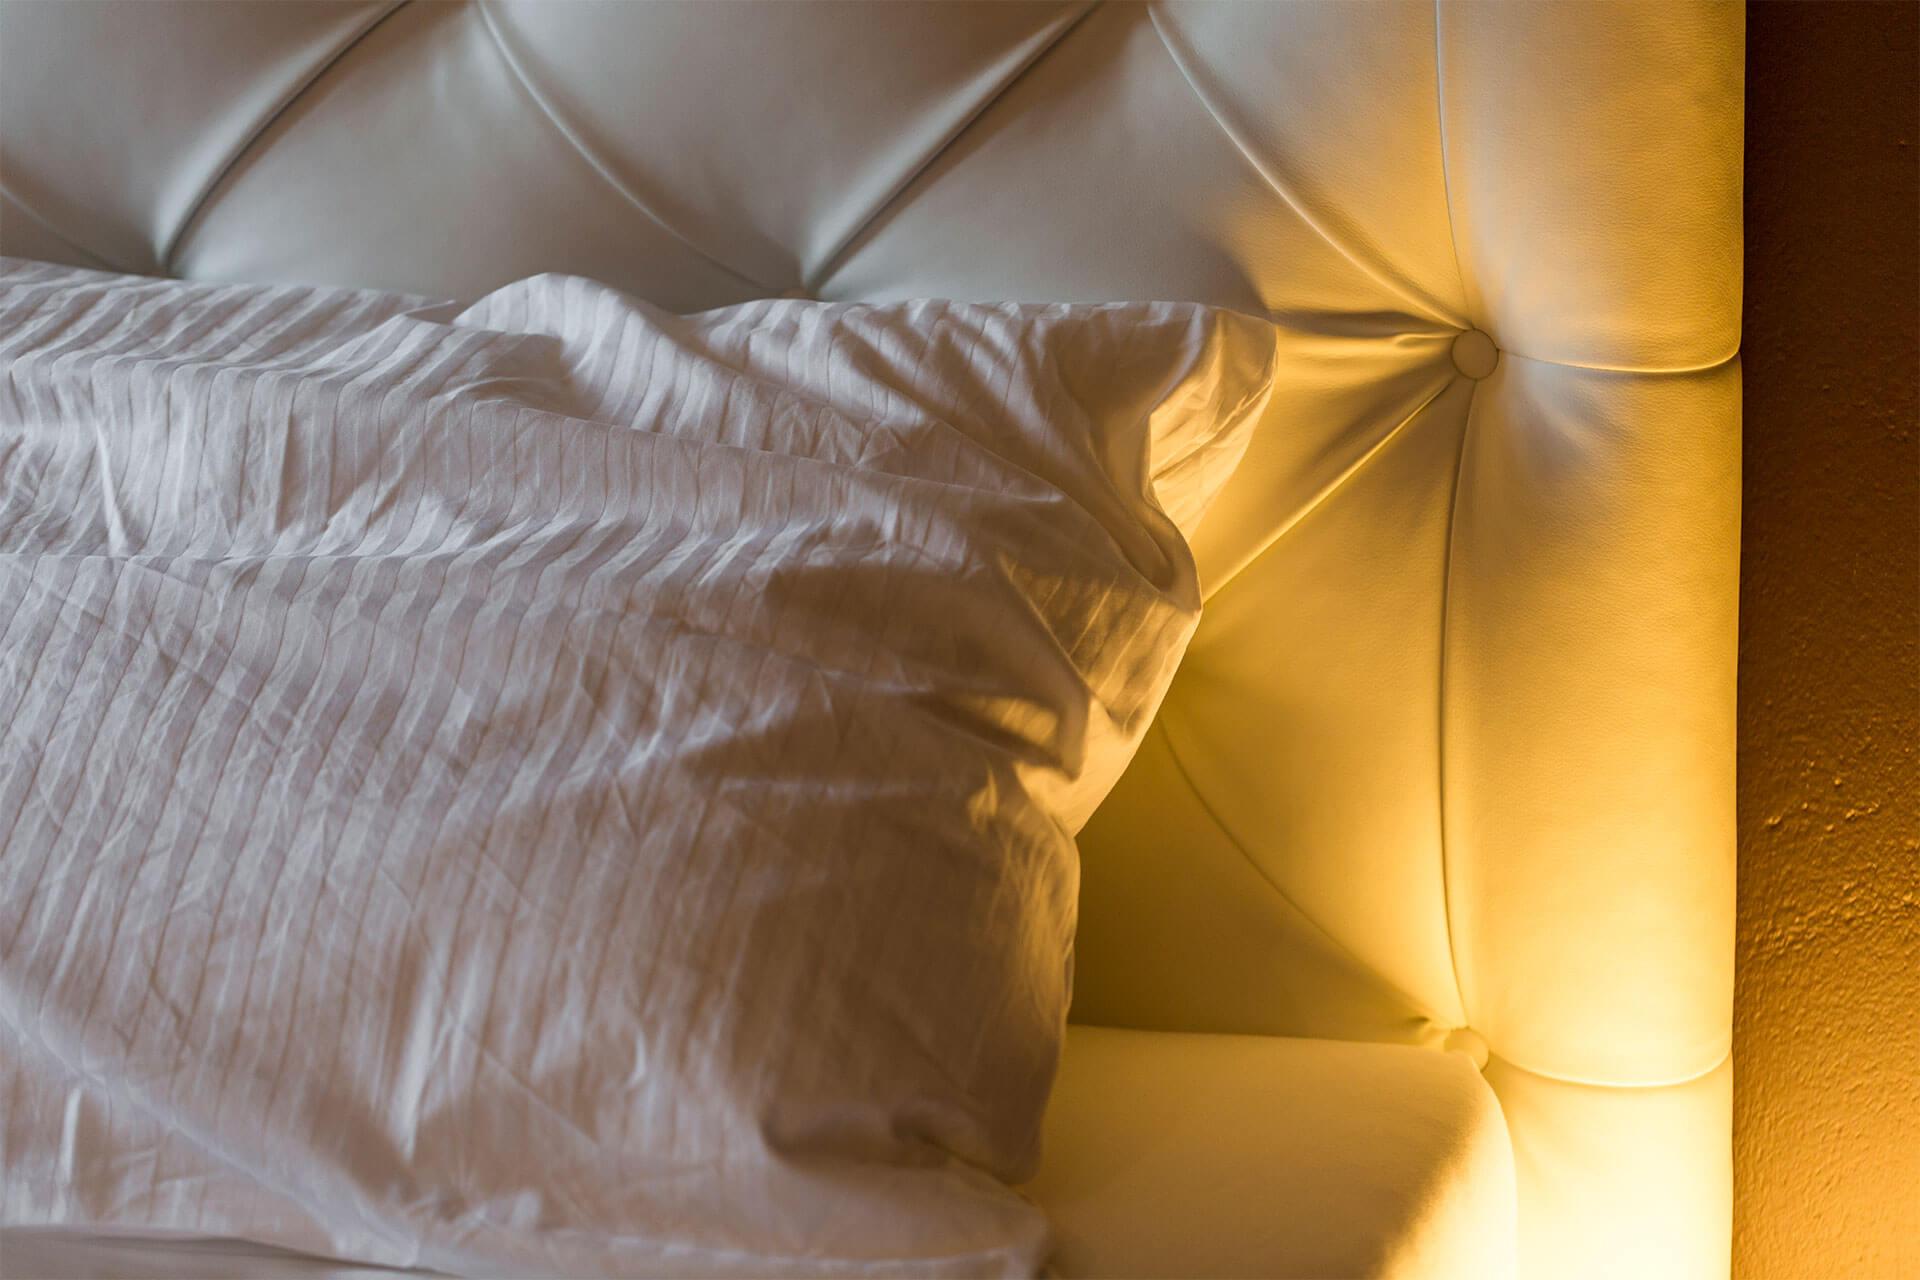 die Boxspringbetten mit kuscheliger Bettwäsche sorgen für einen erholsamen Schlaf